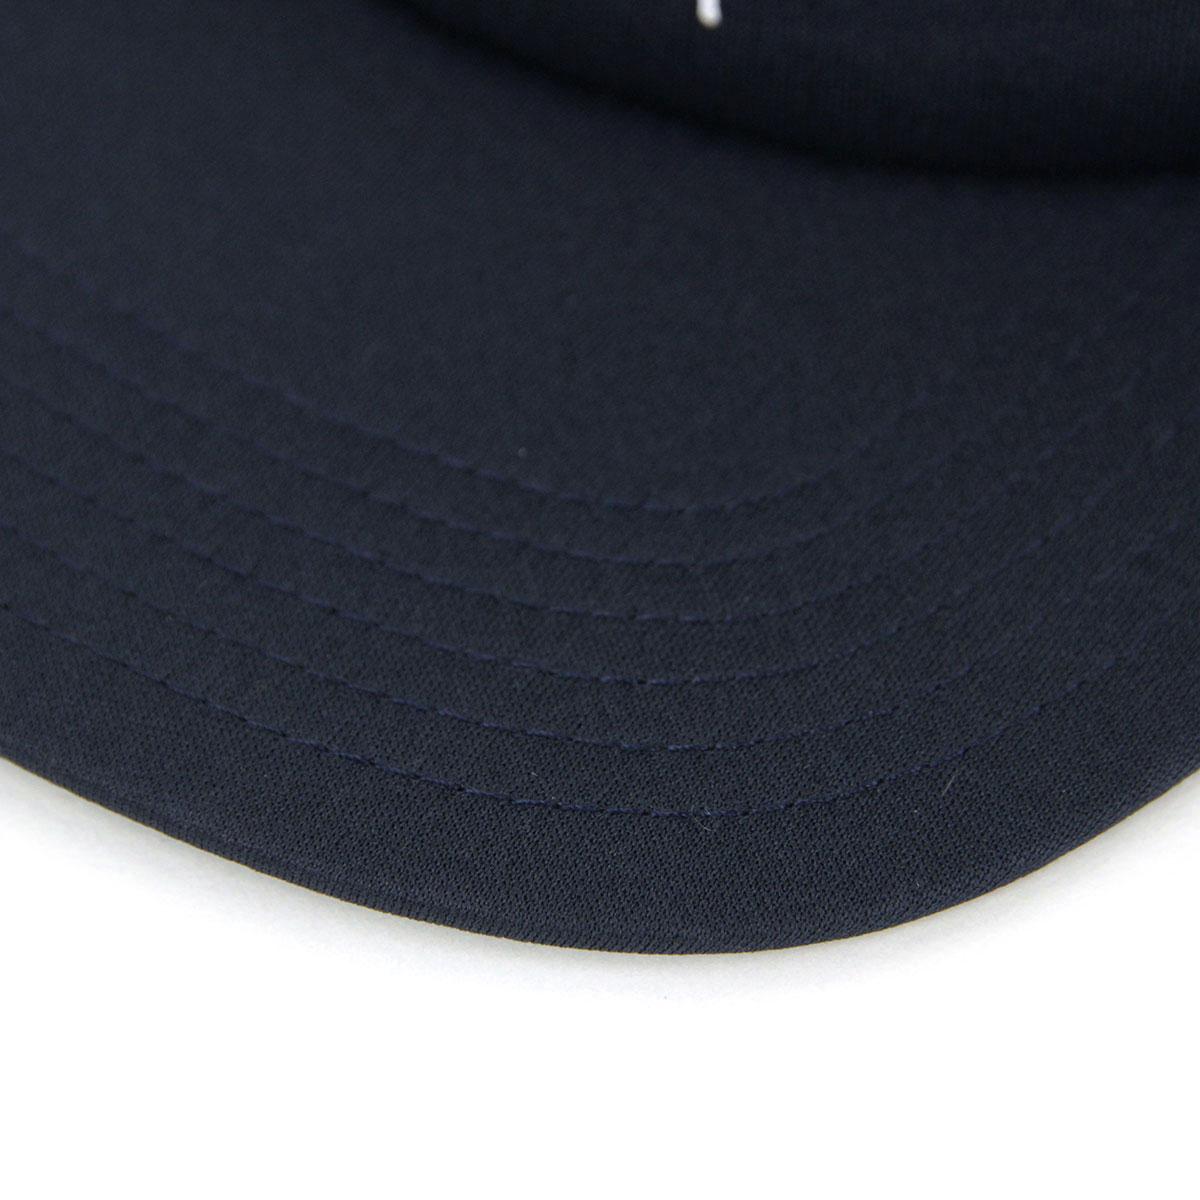 ポーラー POLER 正規販売店 キャップ 帽子 PSYCHEDELIC MESH TRUCKER CAP 55100004-NVY NAVY A79B B3C C3D D4E E06F